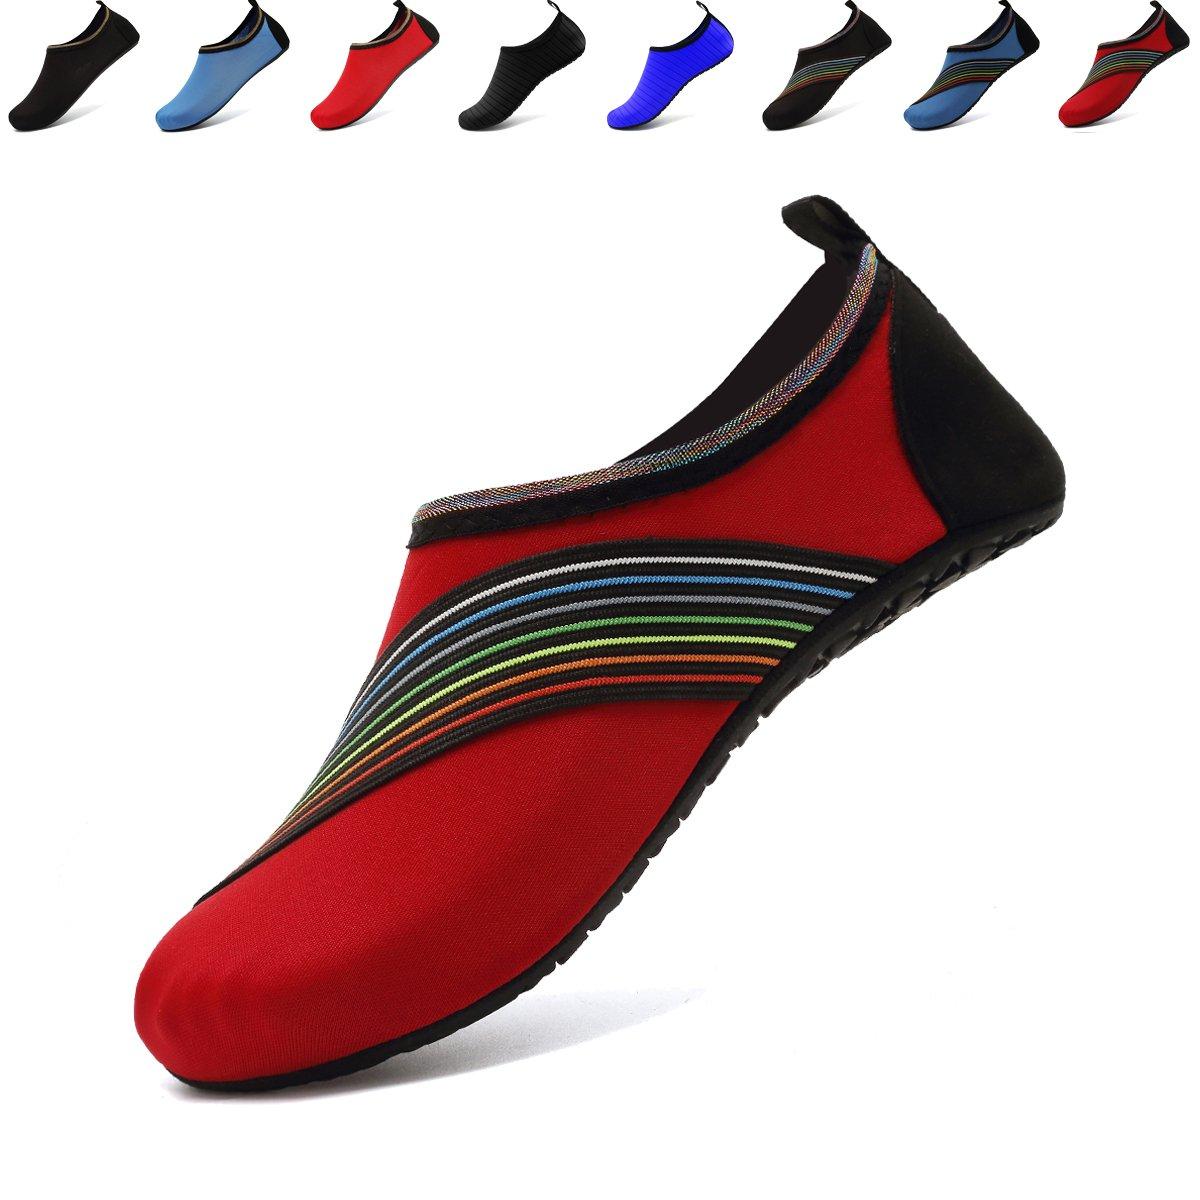 安い購入 [ANLUKE] レディース B078WRK14R Red/Lace ) M (W:7.5-8.5,M:6-7 ) レディース M [ANLUKE] (W:7.5-8.5,M:6-7 )|Red/Lace, 袋井市:e2e93615 --- ciadaterra.com